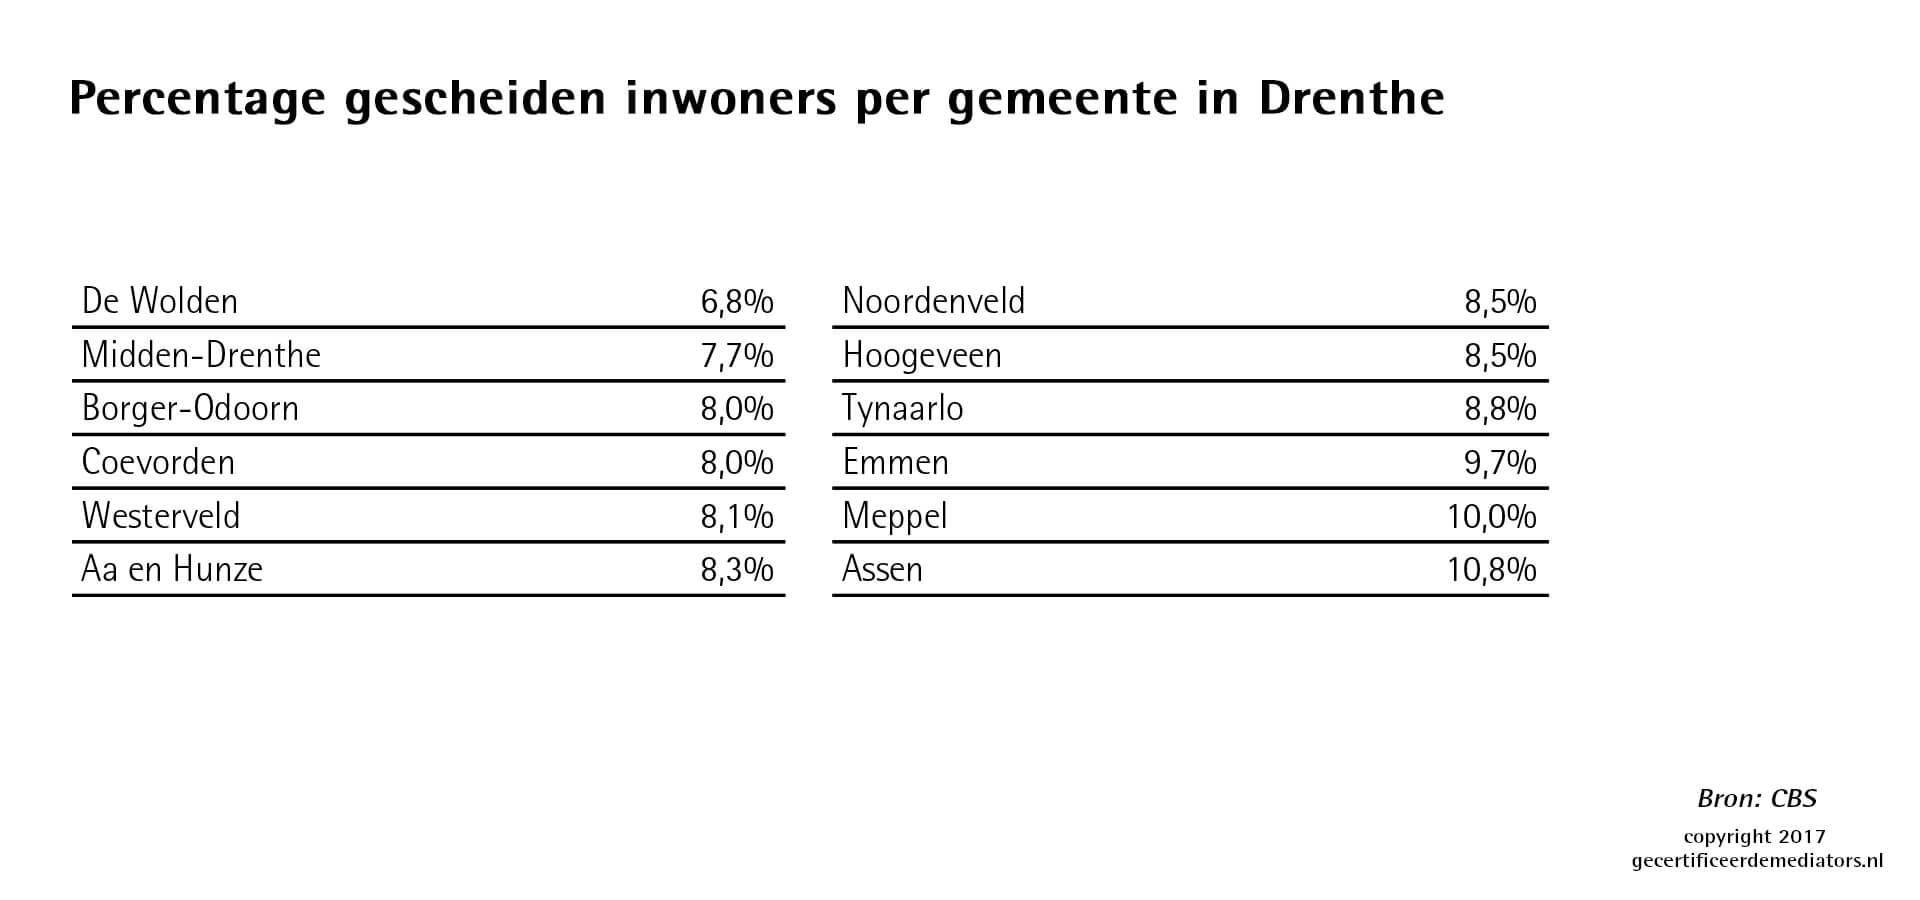 Percentage gescheiden inwoners per gemeente in Drenthe